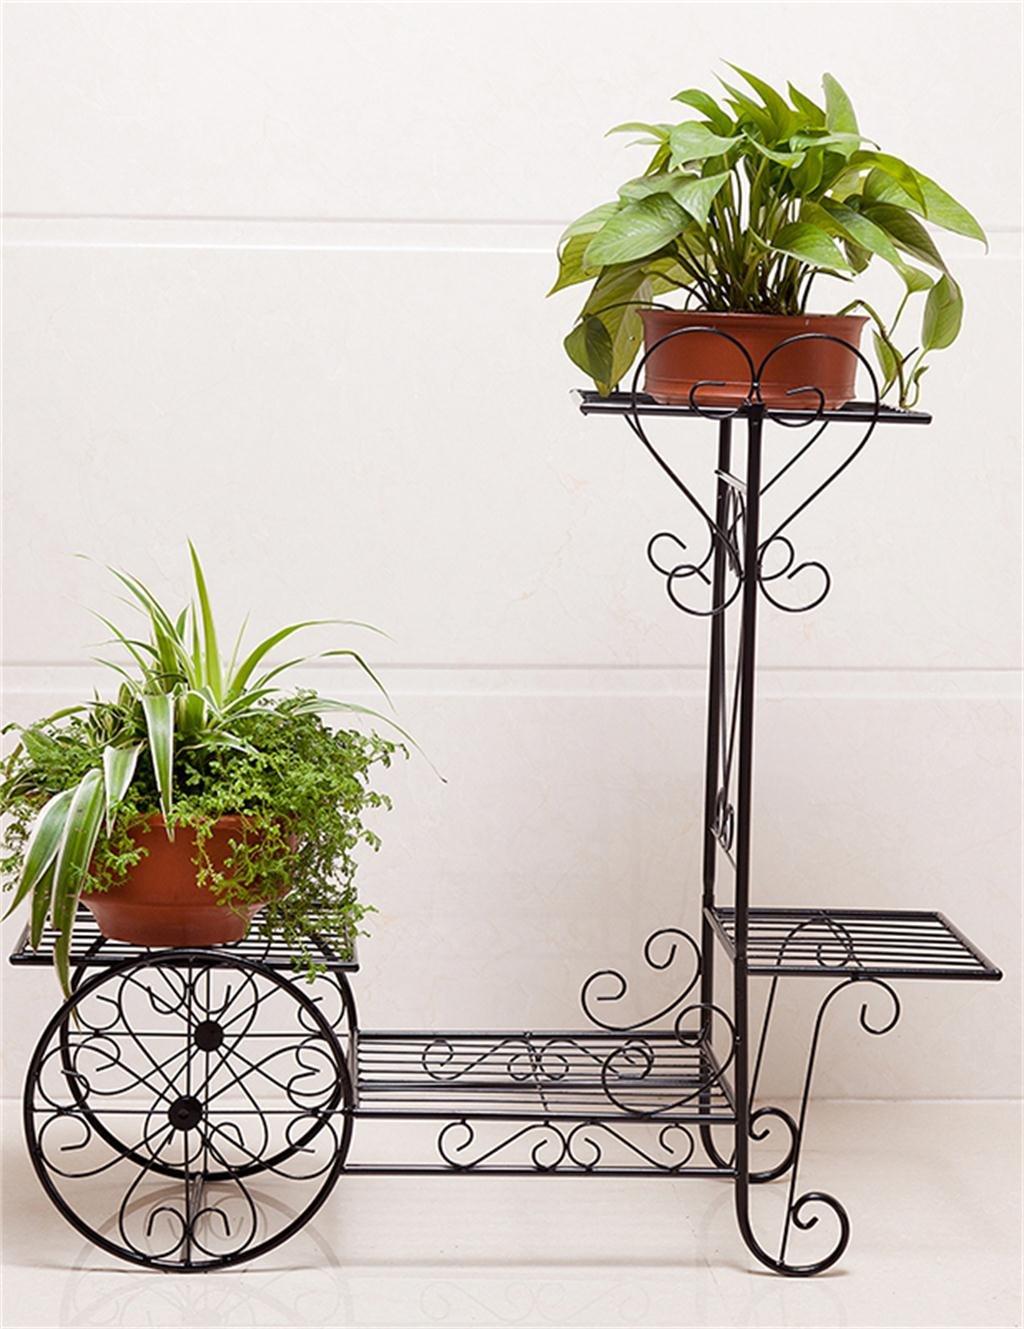 Continental Iron Fahrrad-Modelle Boden Flower Pot Regal, grün Dill hängende Orchidee Rack, Pflanzen stehen für Innen-, Wohnzimmer, Balkon ( farbe : Schwarz , größe : L )